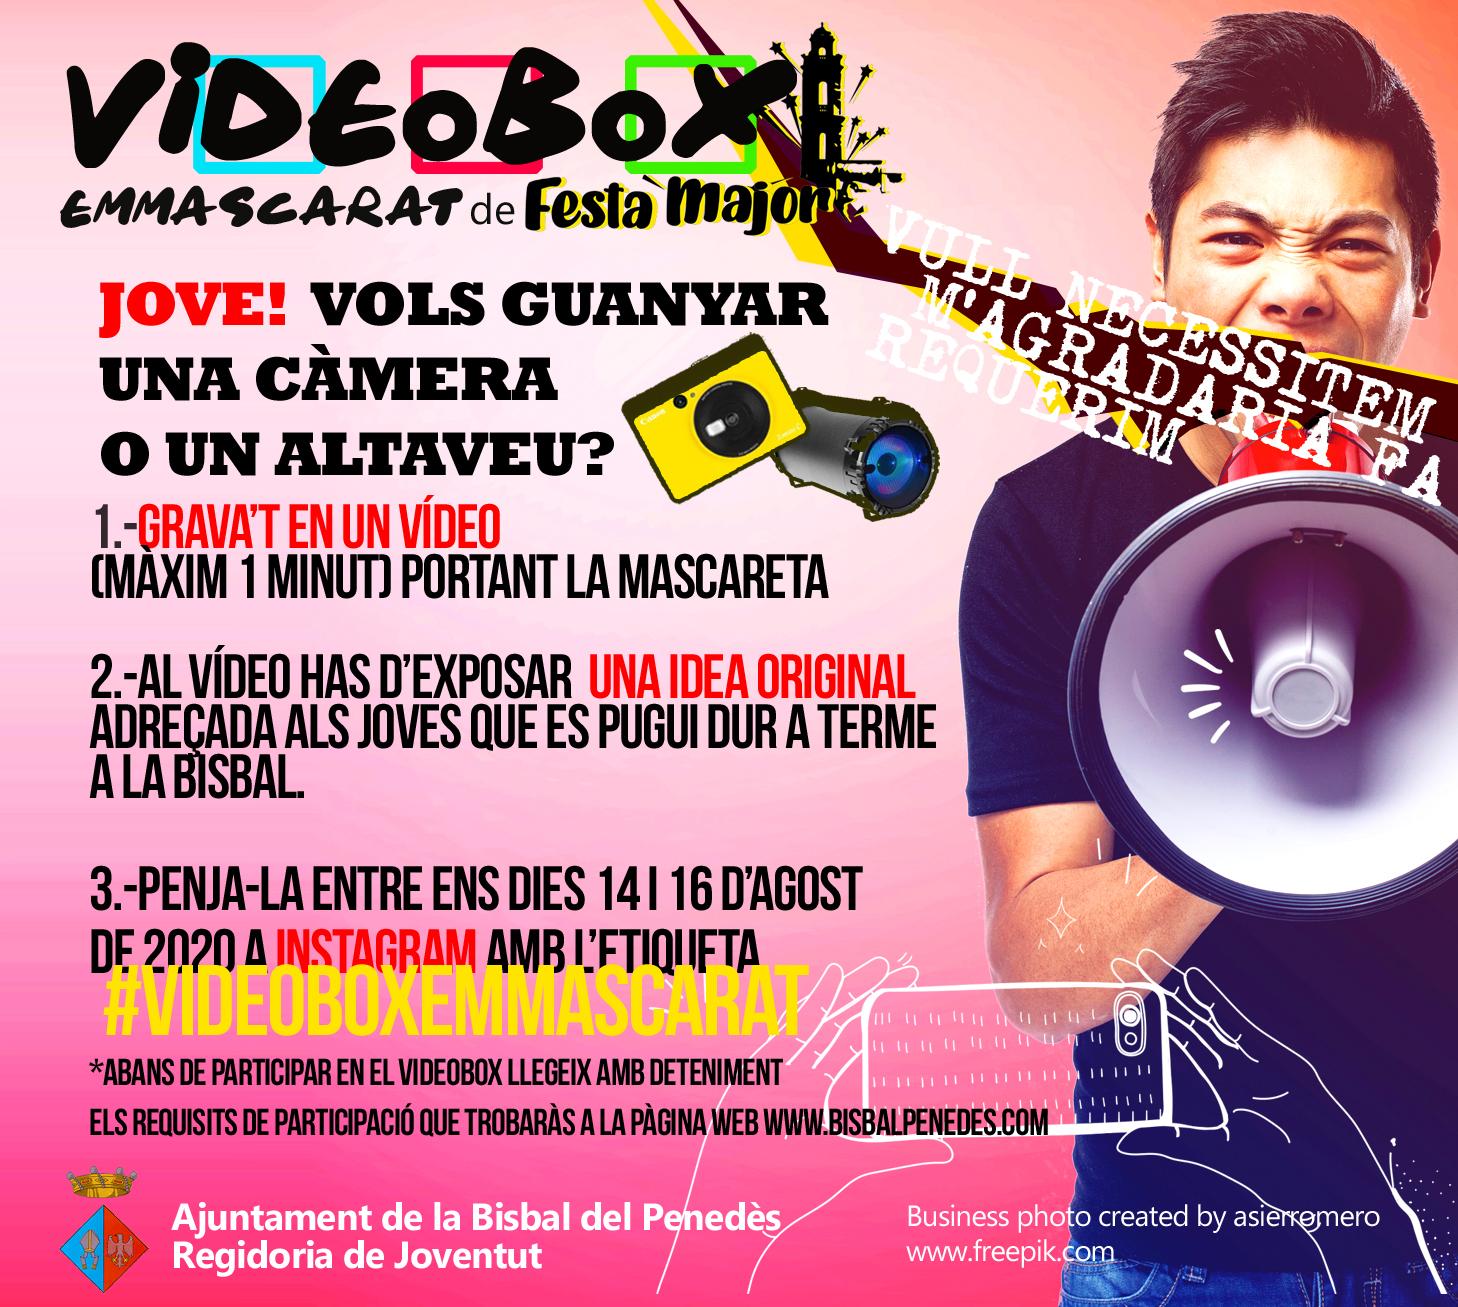 Jove! Vols guanyar una càmera Polaroid o un altaveu portàtil? Doncs participa en el Videobox Emmascarat!